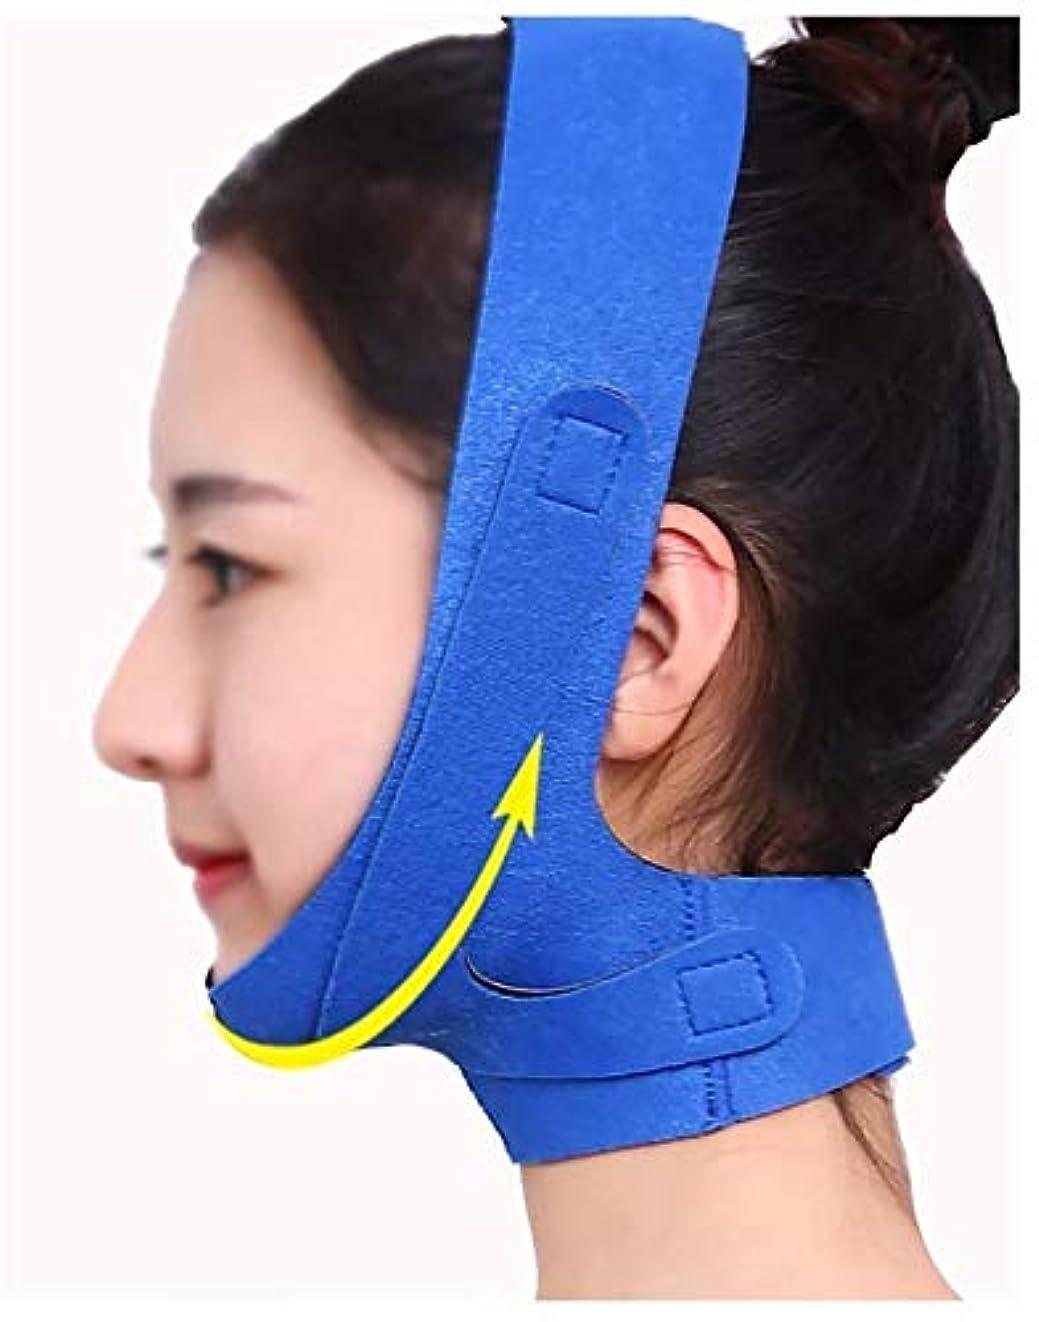 それらオール備品美容と実用的なフェイスリフトマスク、チンストラップ回復包帯睡眠薄いフェイスバンデージ薄いフェイスマスクフェイスリフトアーティファクトフェイスリフト美容マスク包帯ブルーフェイスマスクで小さなV顔を強化するには